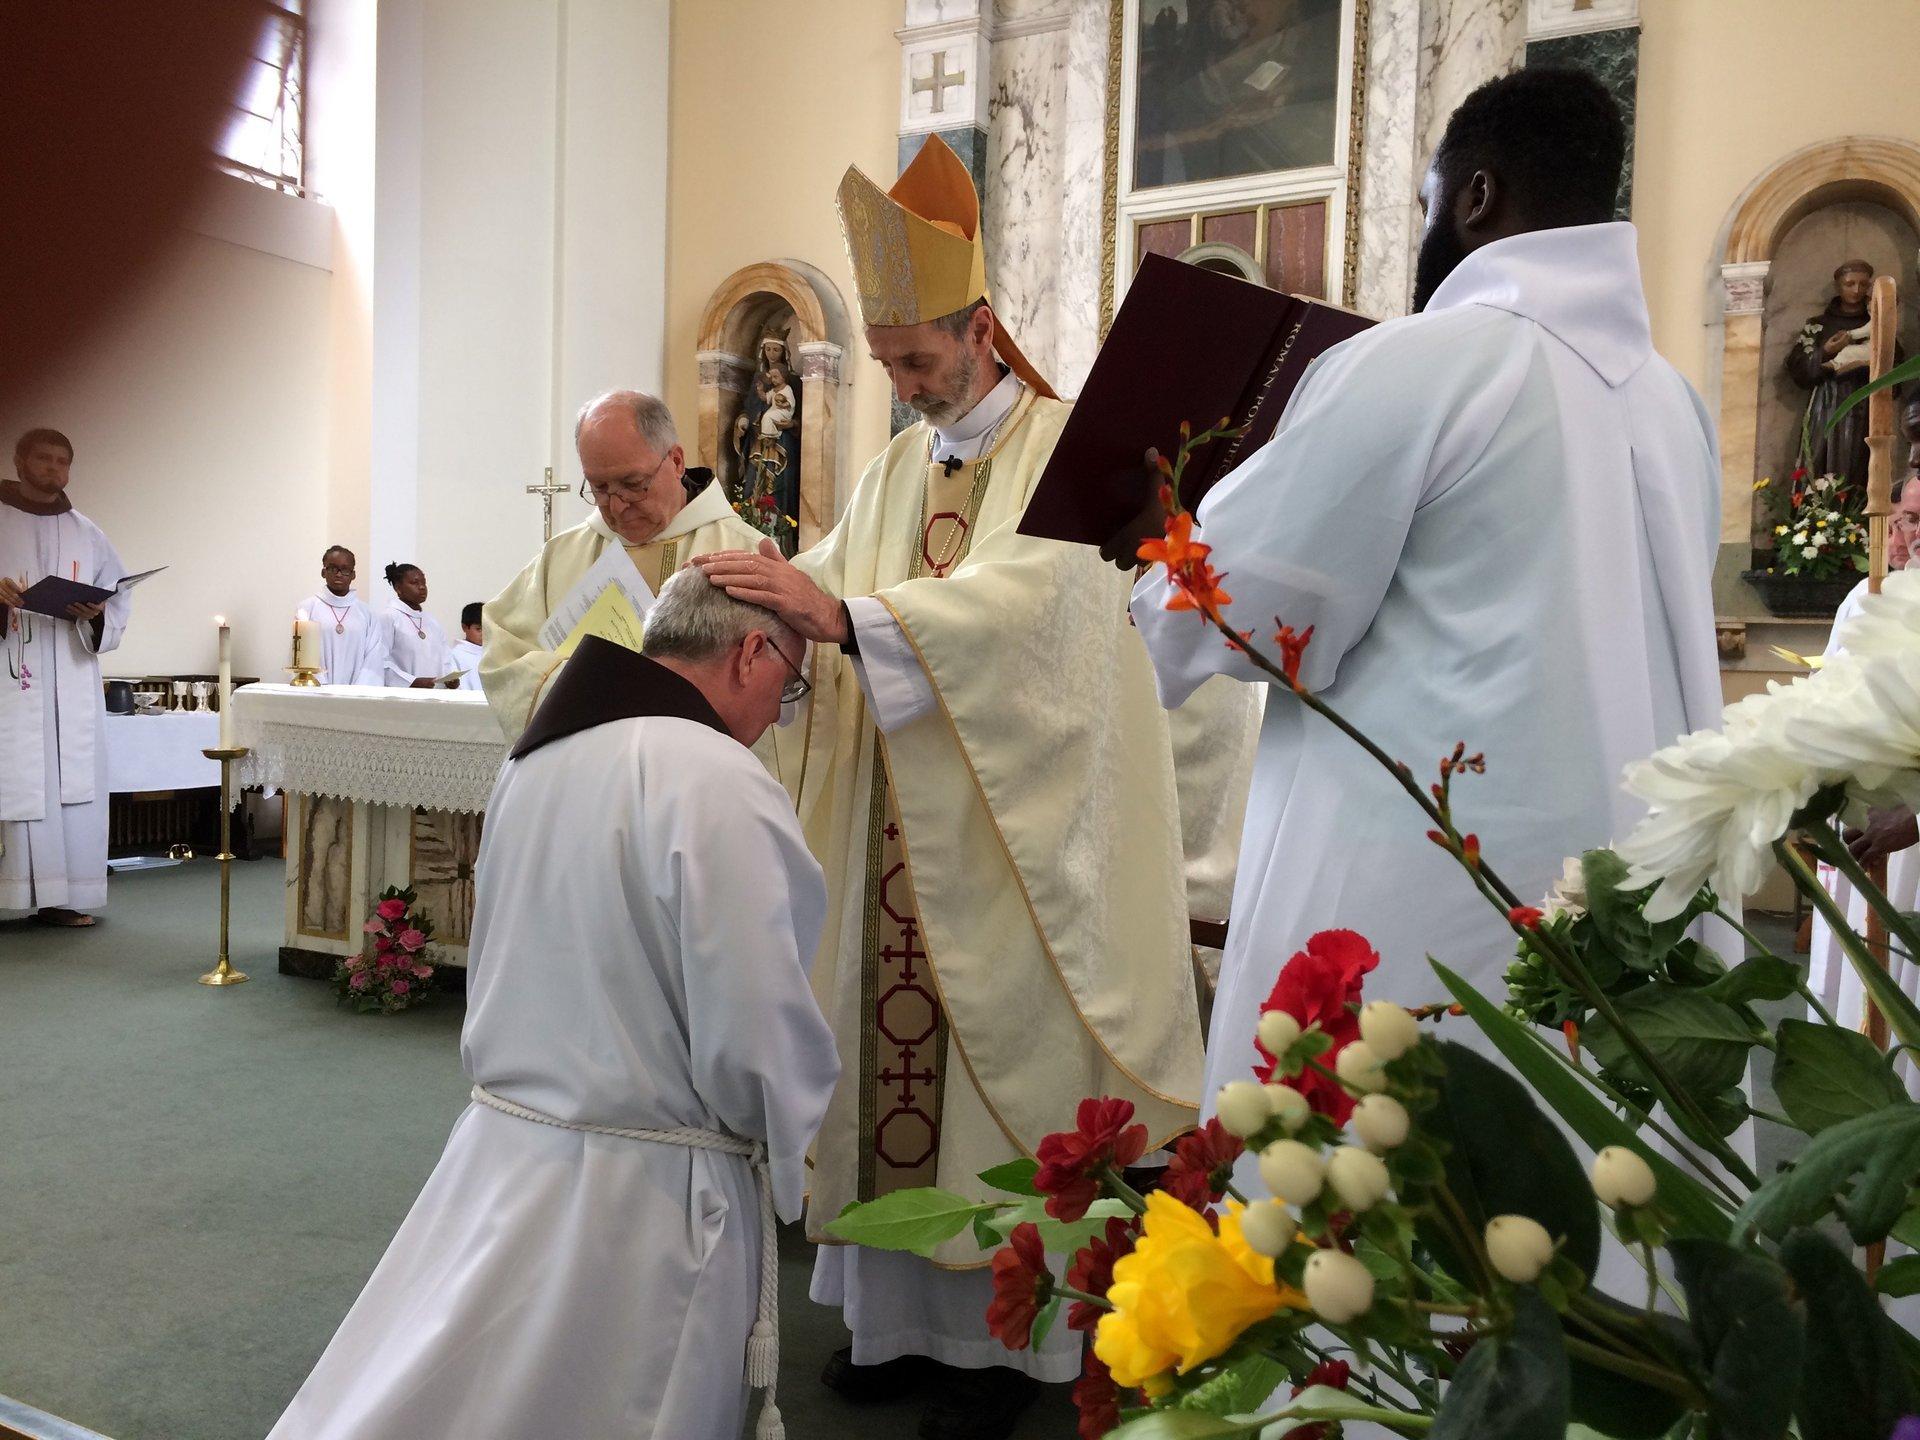 Bishop lays hands on his head